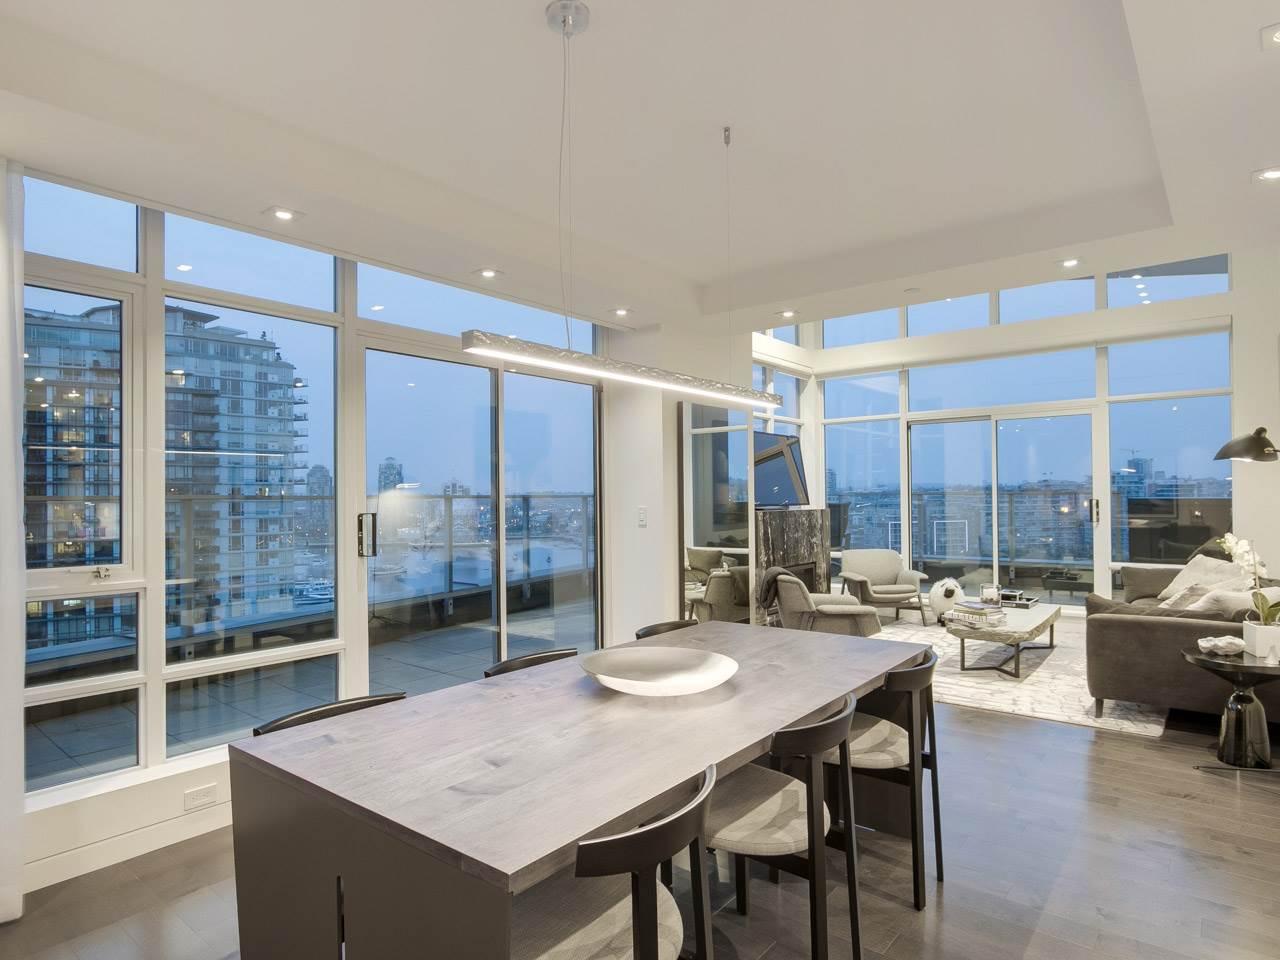 Condo Apartment at PH3 980 COOPERAGE WAY, Unit PH3, Vancouver West, British Columbia. Image 4